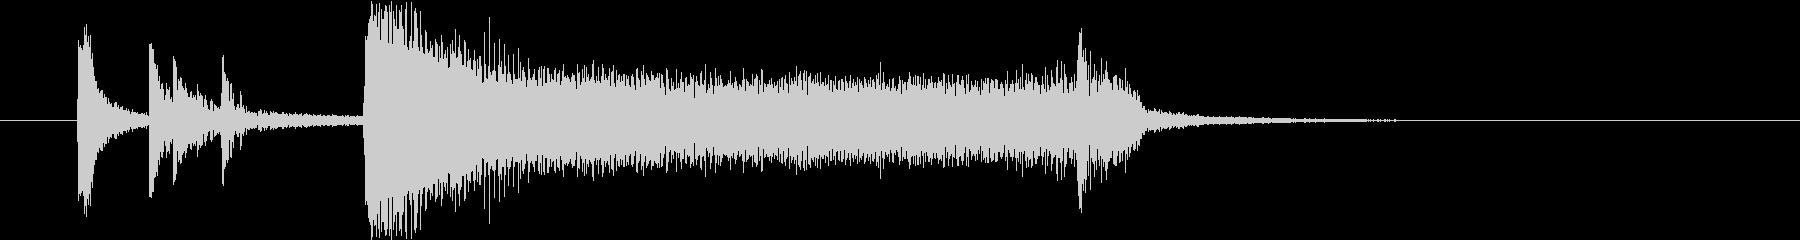 ビッグバンド生演奏的キメ音Bb69#11の未再生の波形